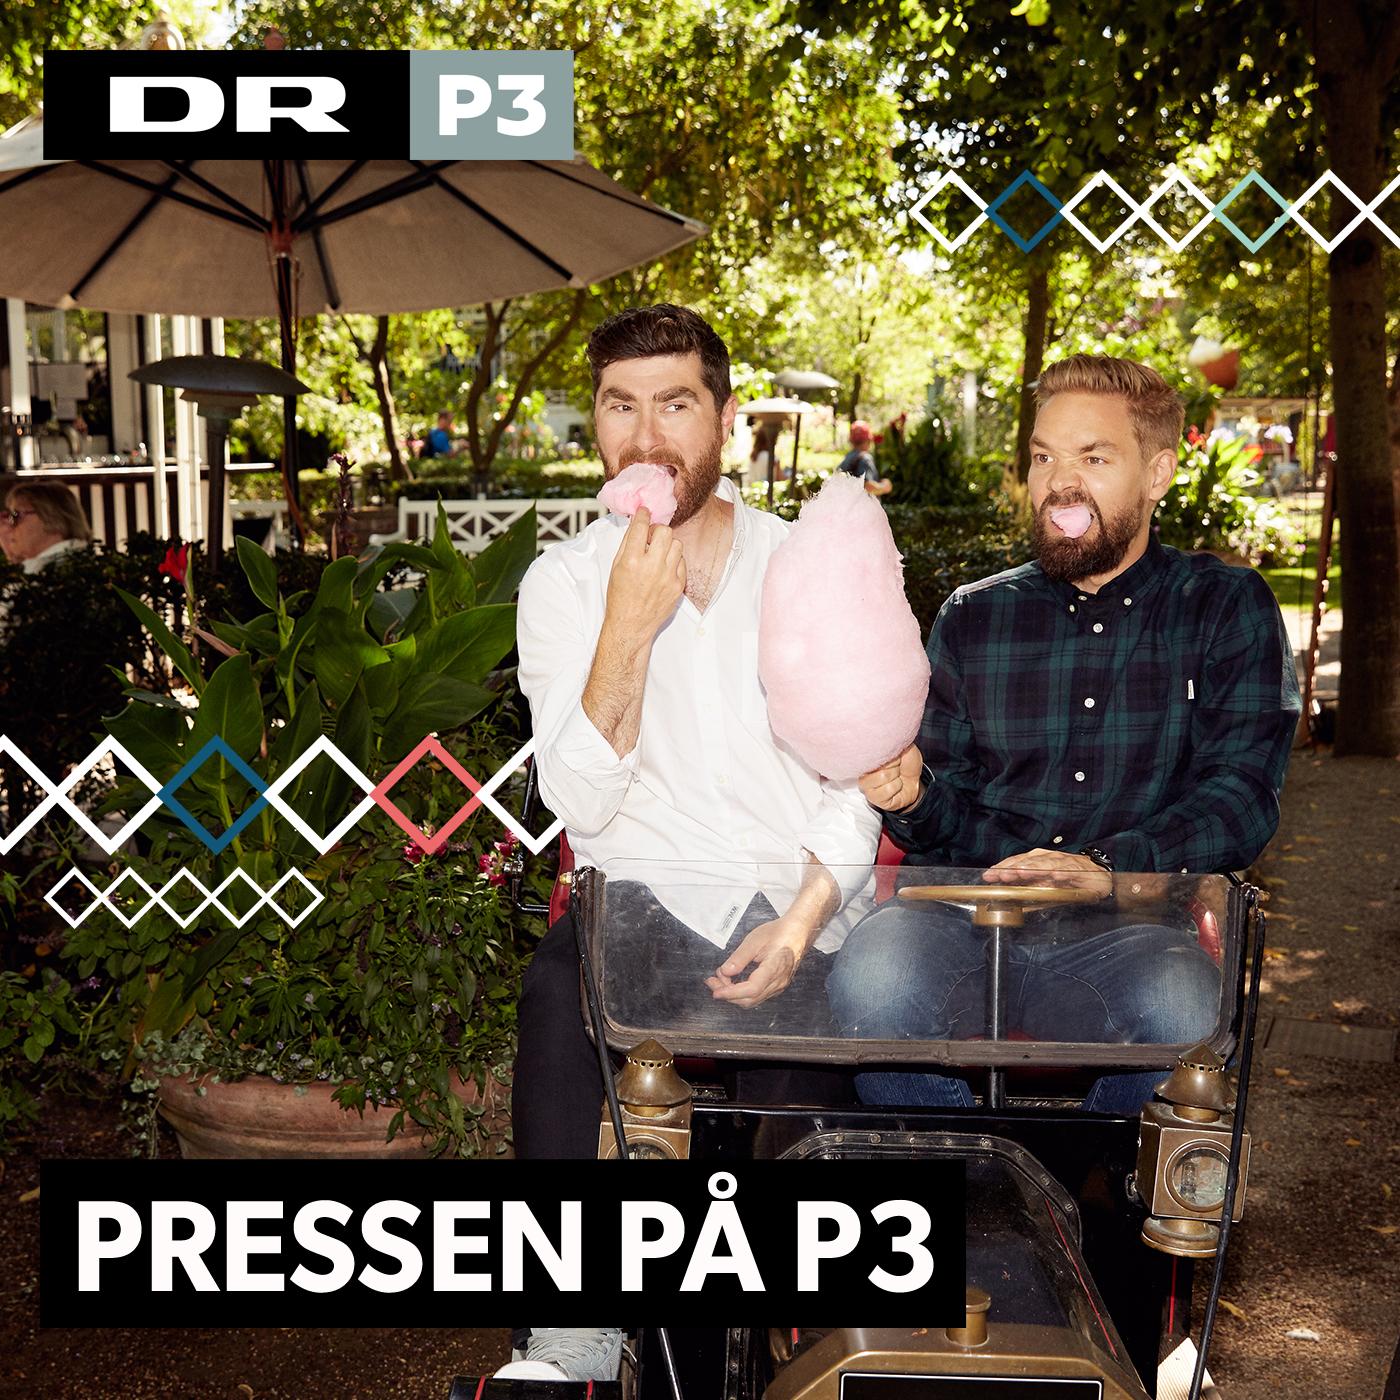 Pressen på P3